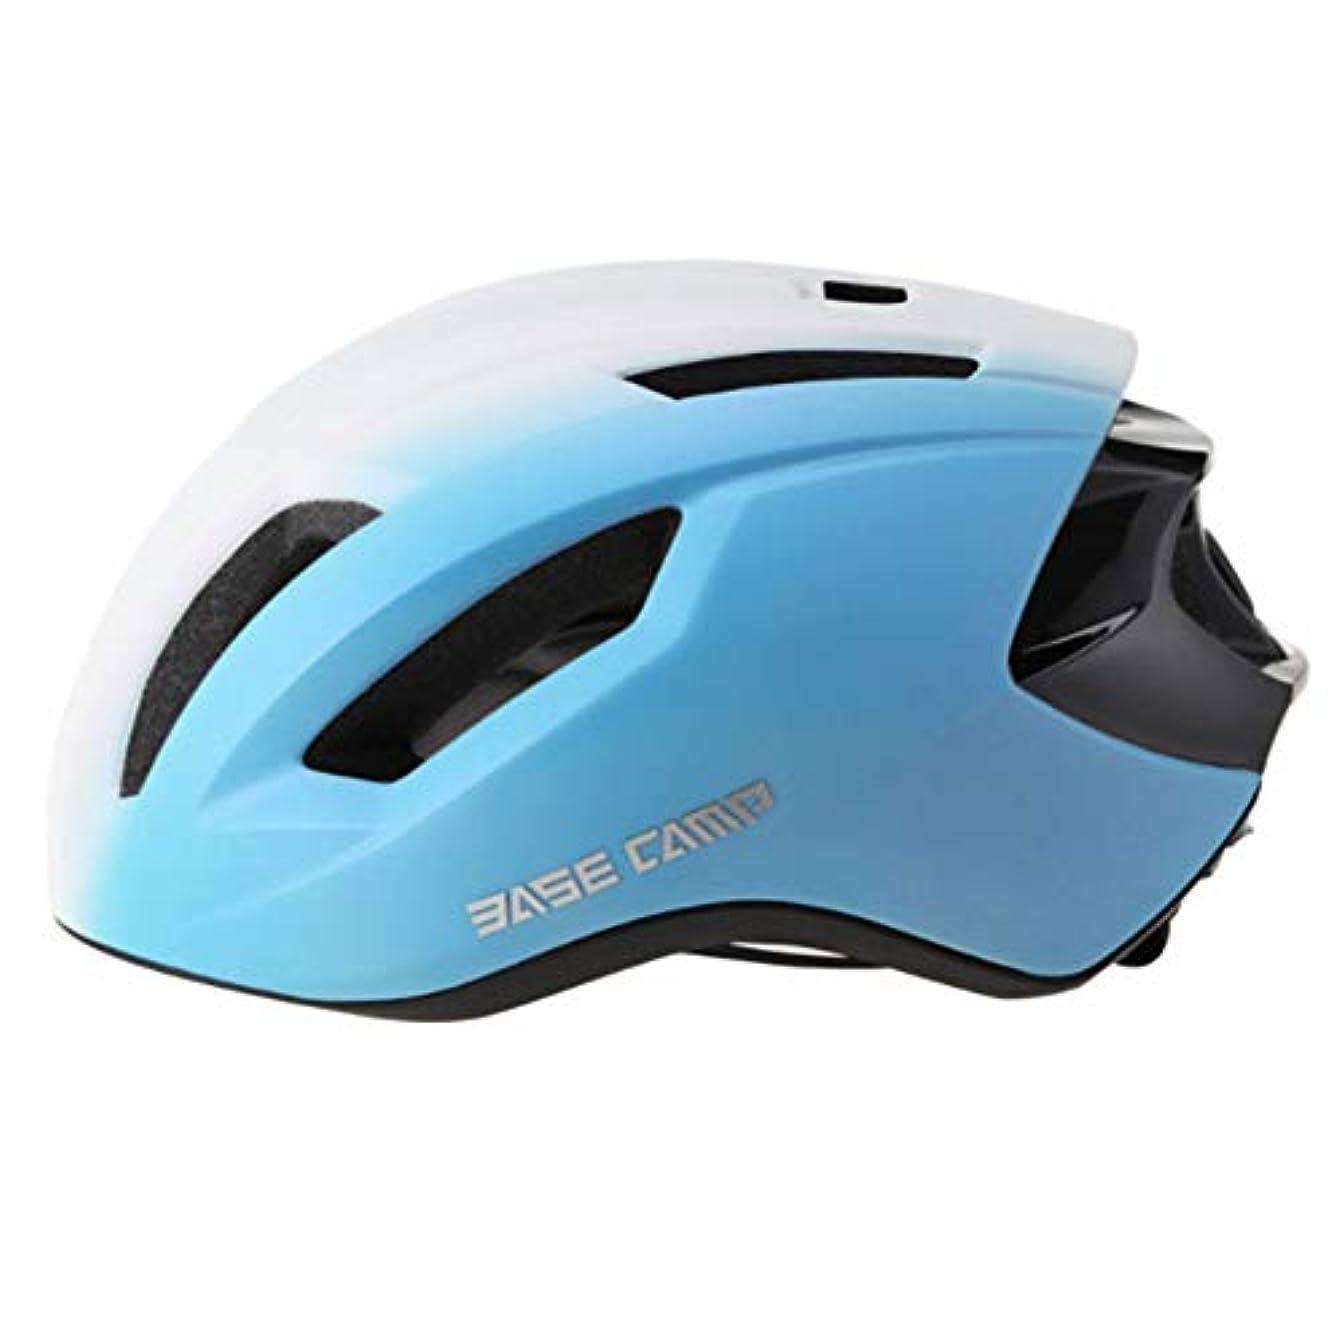 指紋広まった効能あるサイクリングヘルメット屋外自転車スケートスケートボード空気圧ワンピース機器57-62 cm